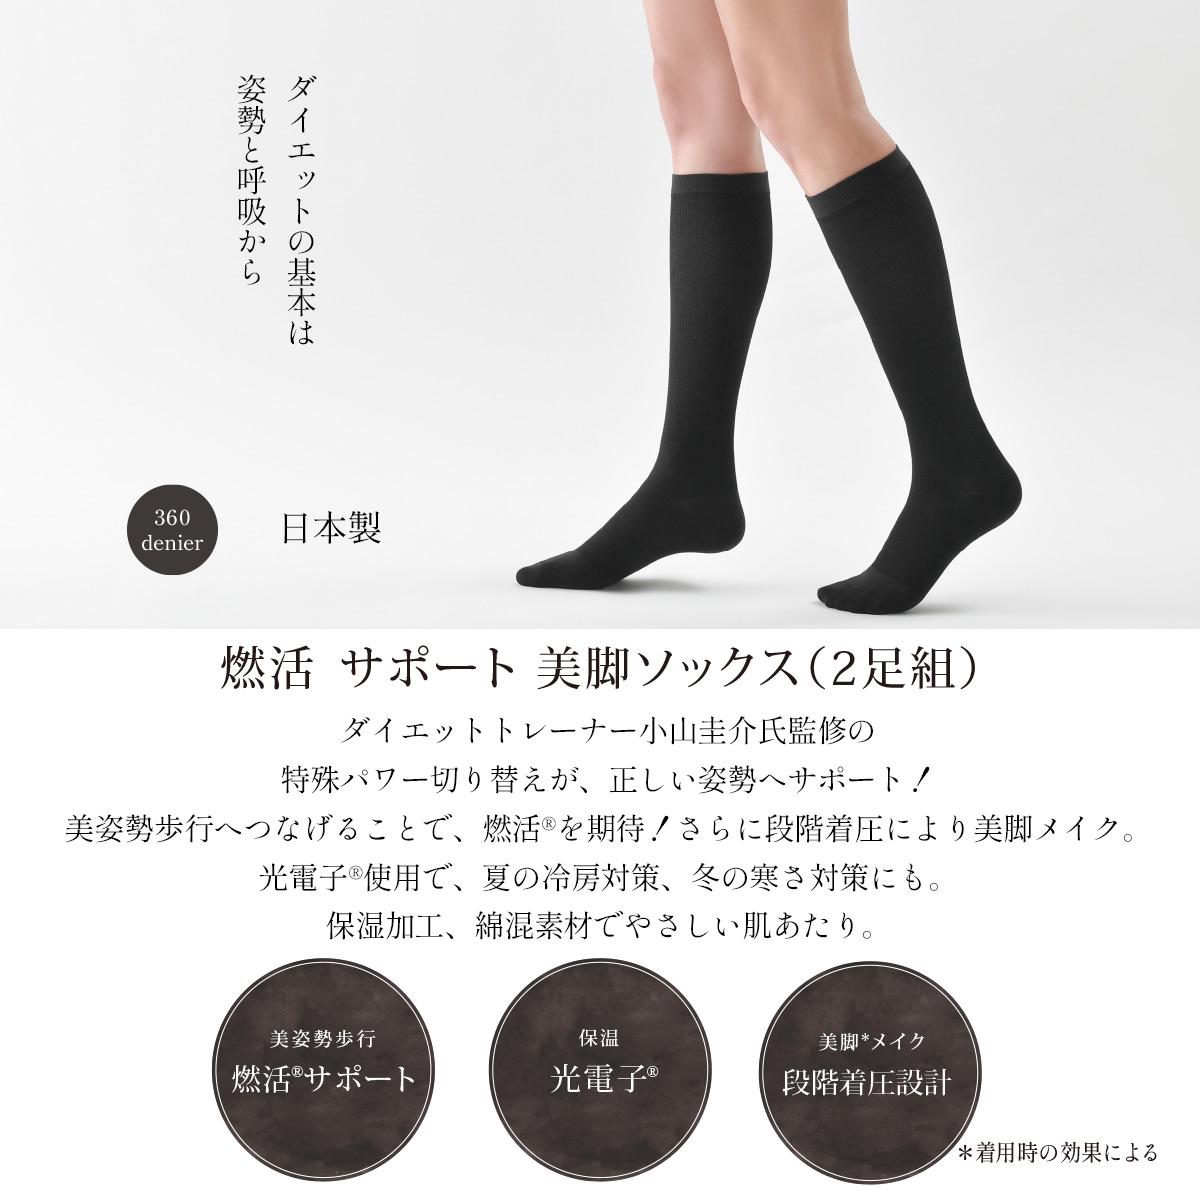 【ビーフィット】燃活®サポート美脚ソックス(2足組) | #Befit #インナー #ソックス #燃活 #光電子®繊維